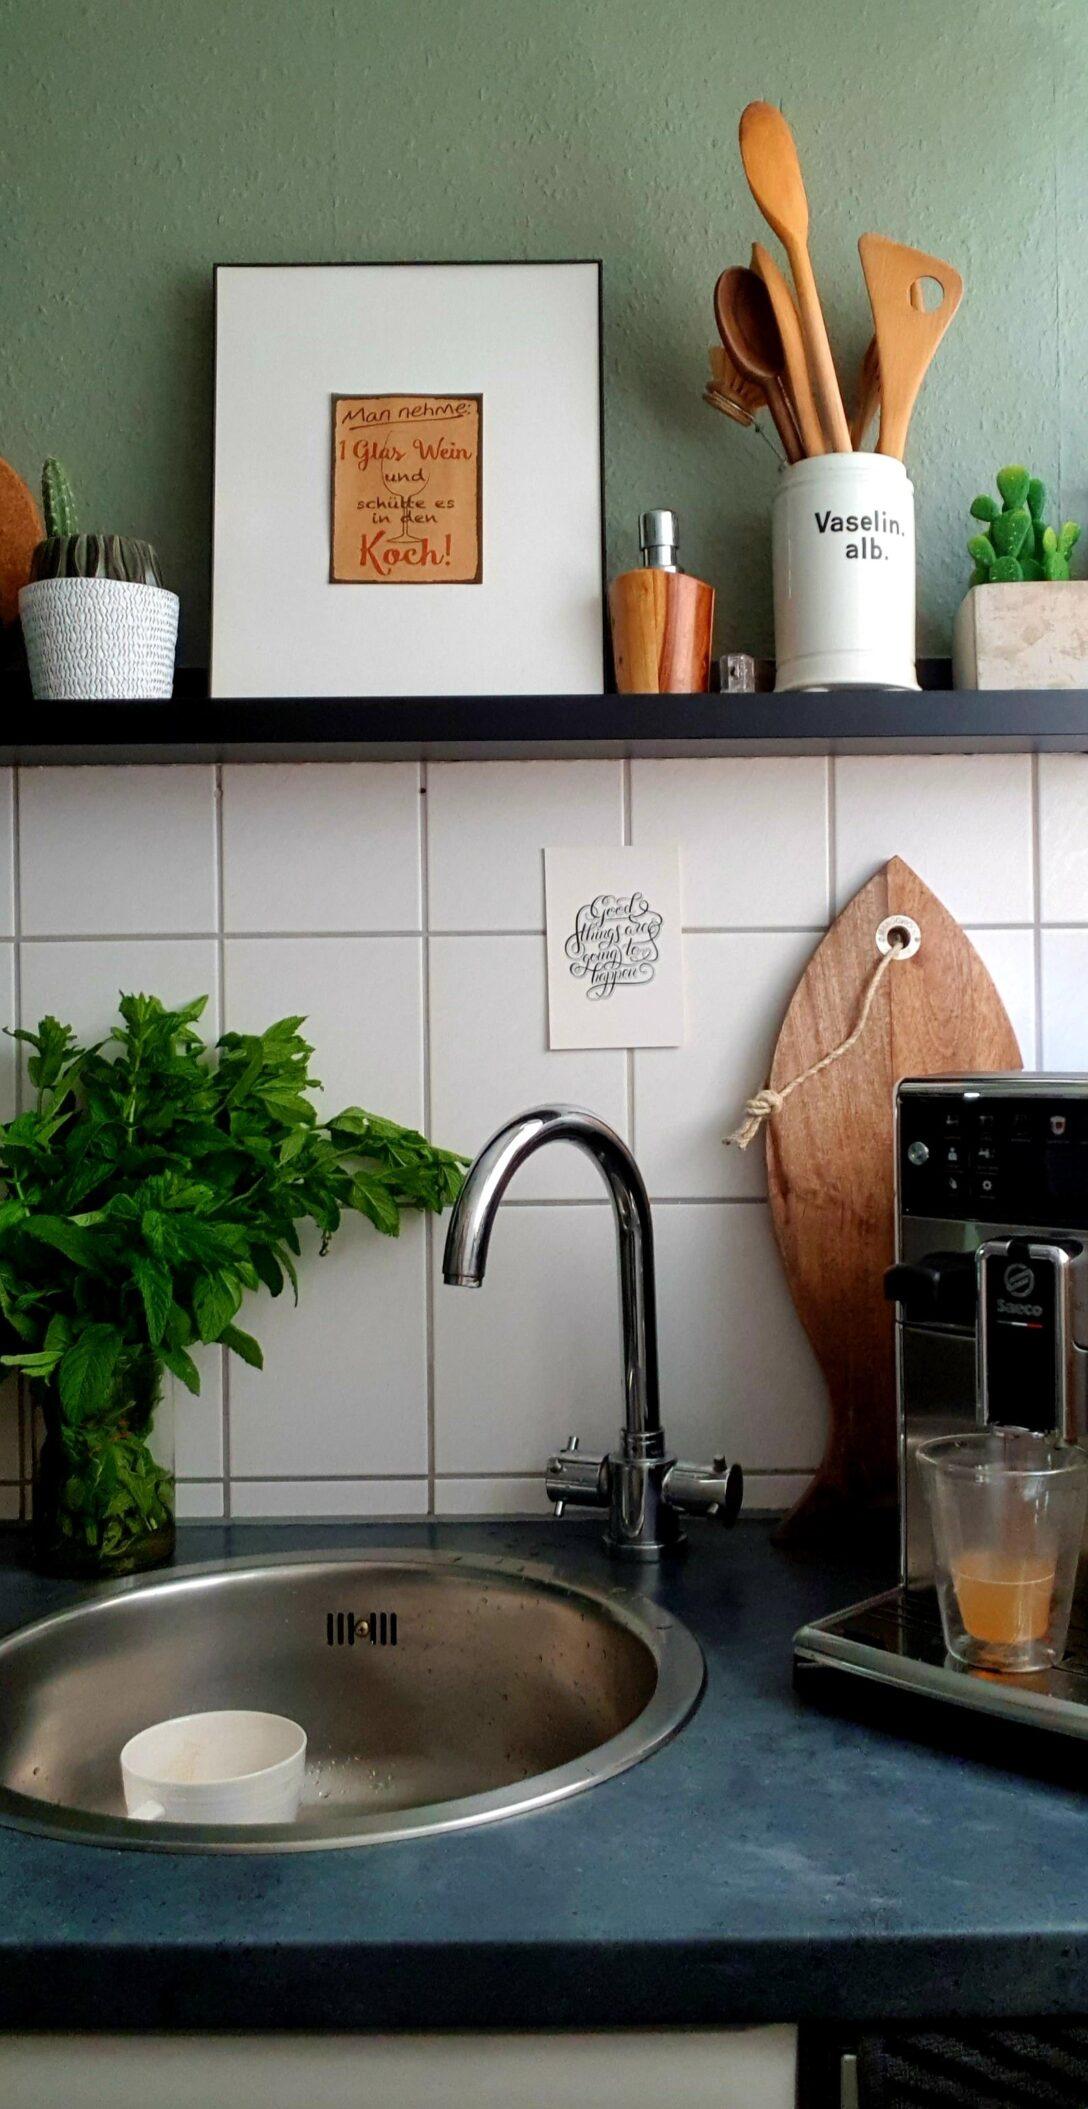 Large Size of Bilderleisten Gestalten Inspiration Fr Dein Konzept Küche Mit Insel Weisse Landhausküche Wandsticker Eckküche Elektrogeräten Schwingtür Schneidemaschine Wohnzimmer Küche Deko Ikea